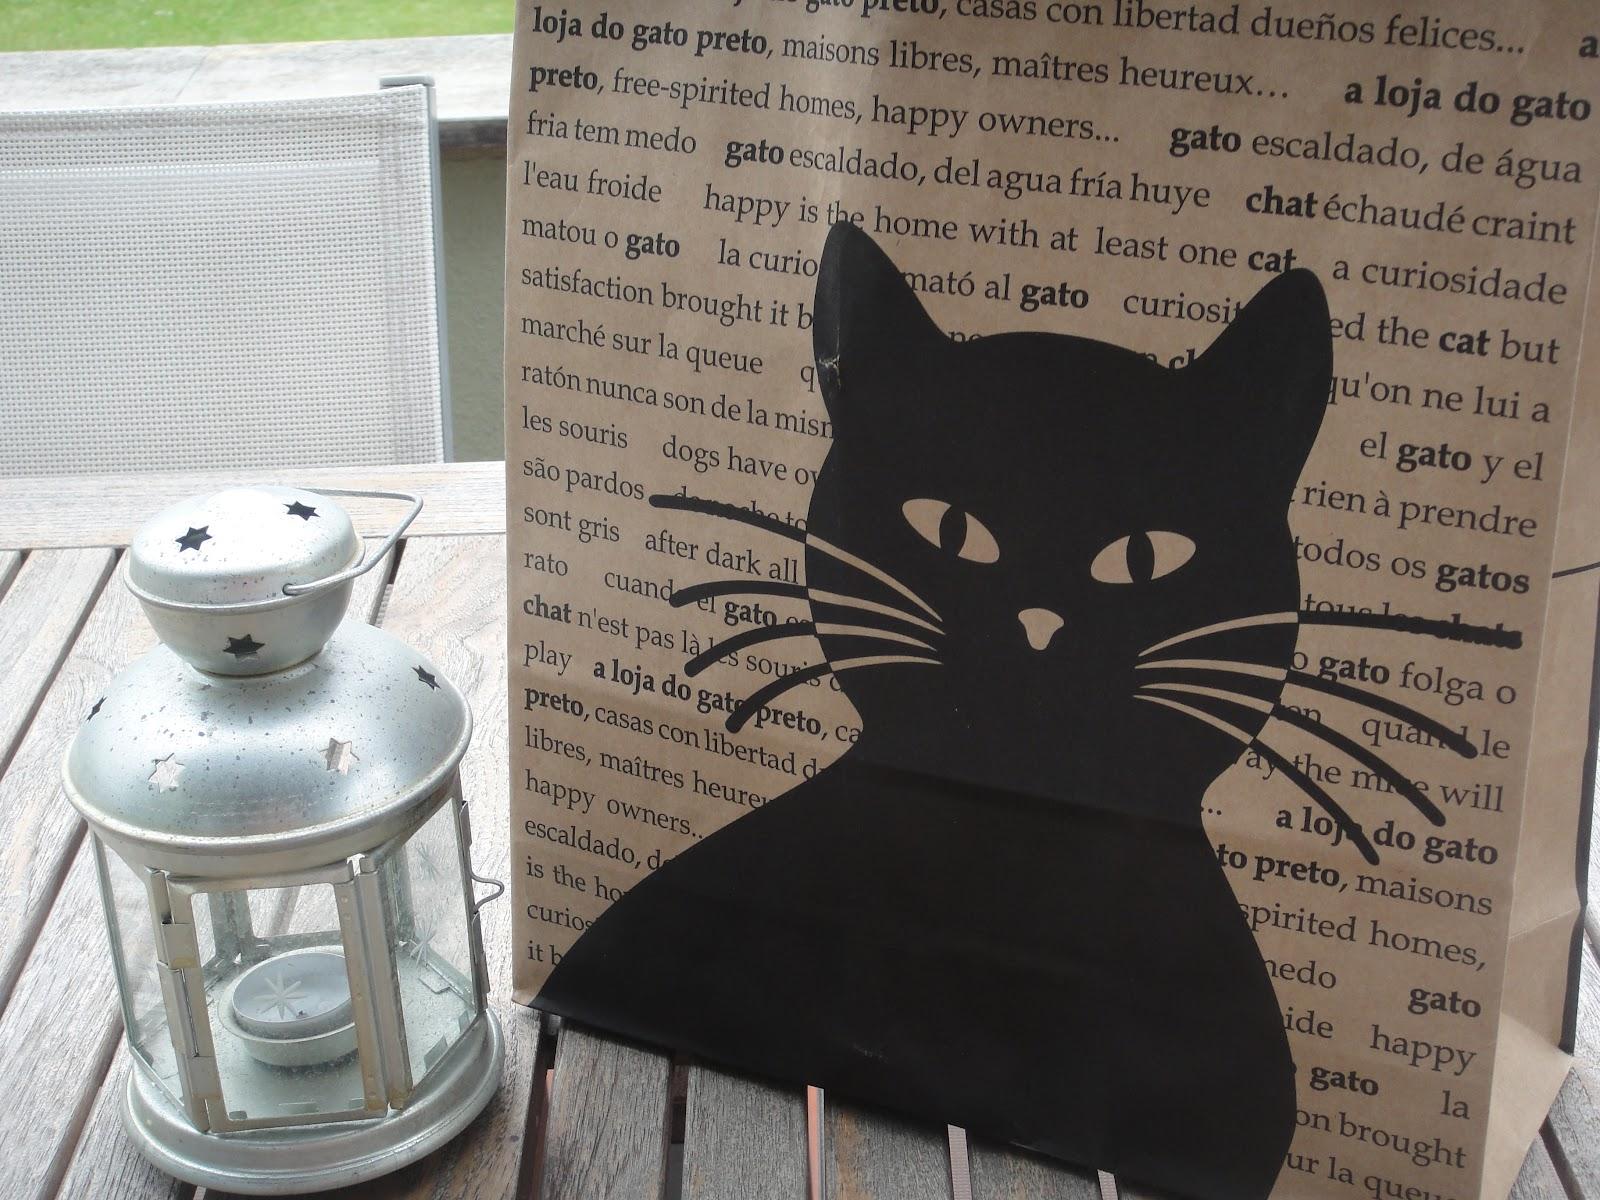 Mientras tanto vive la vida a loja do gato preto - La loja del gato ...